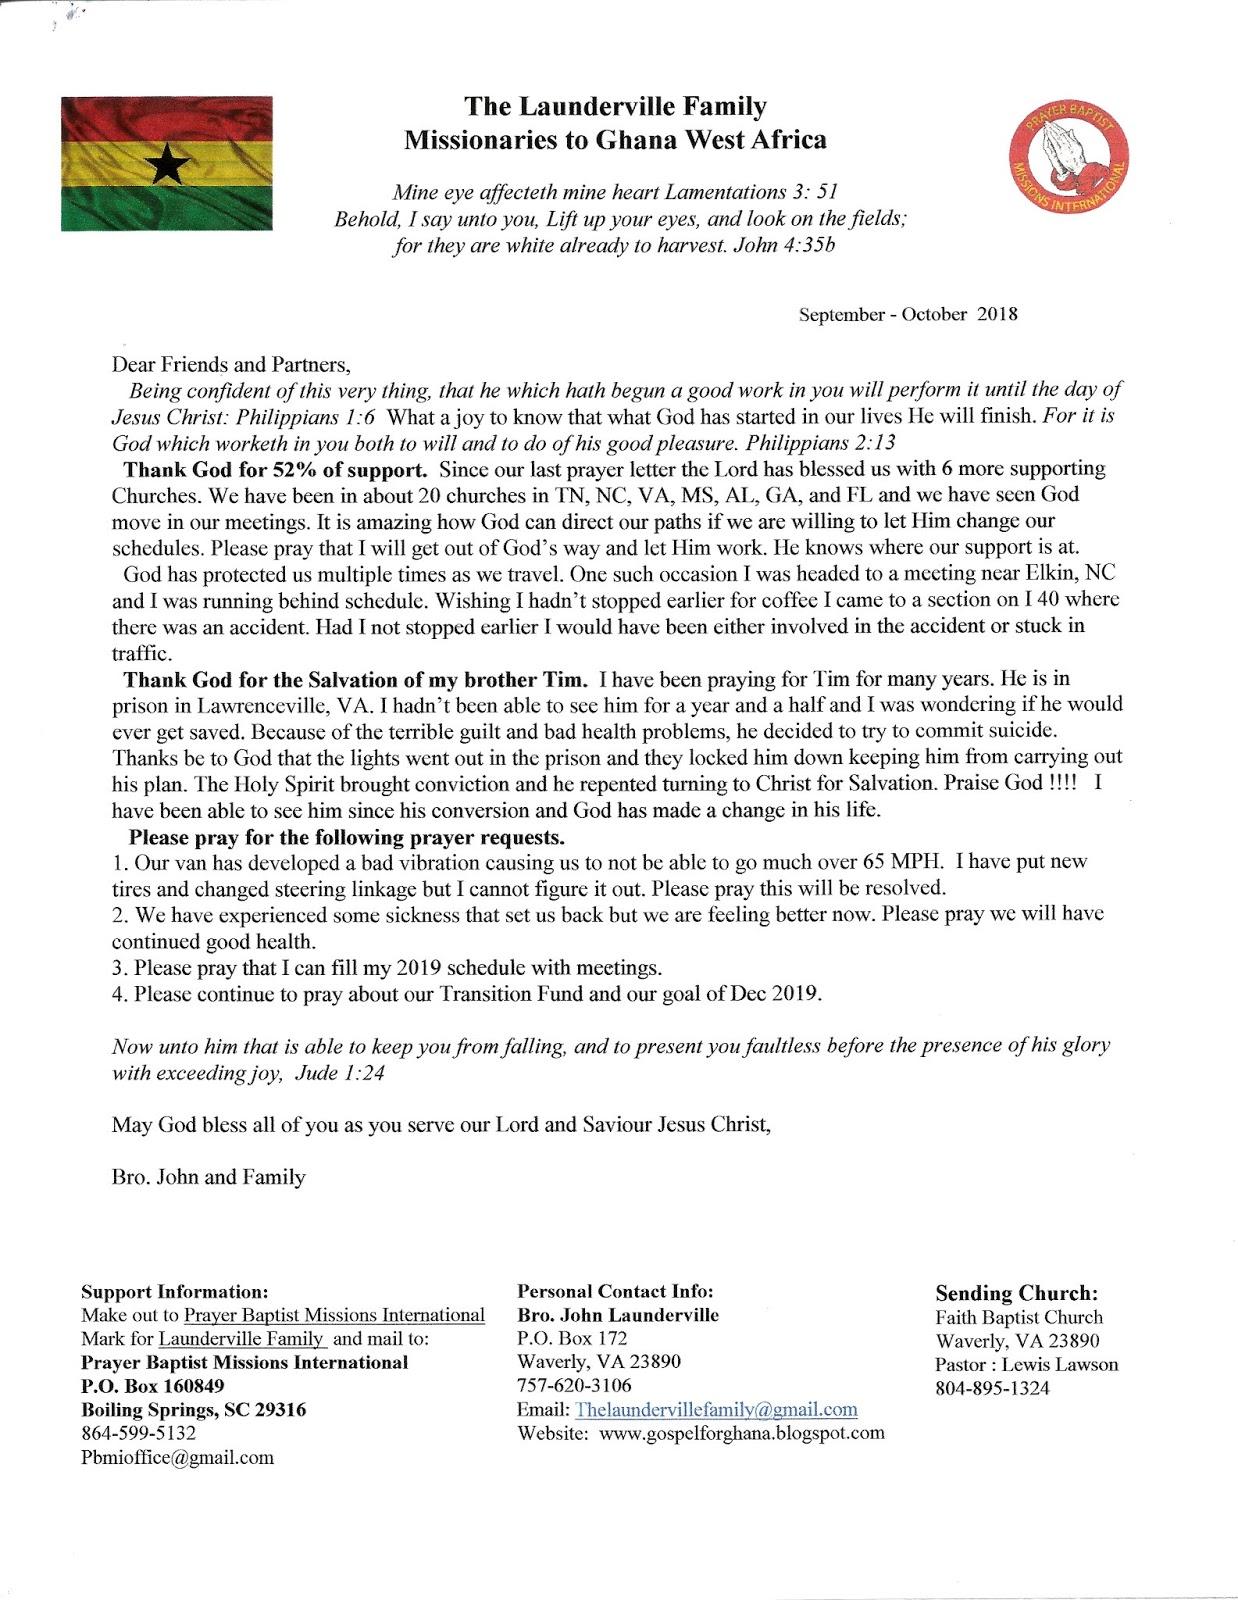 To Ghana with the Gospel : September - October Prayer Letter